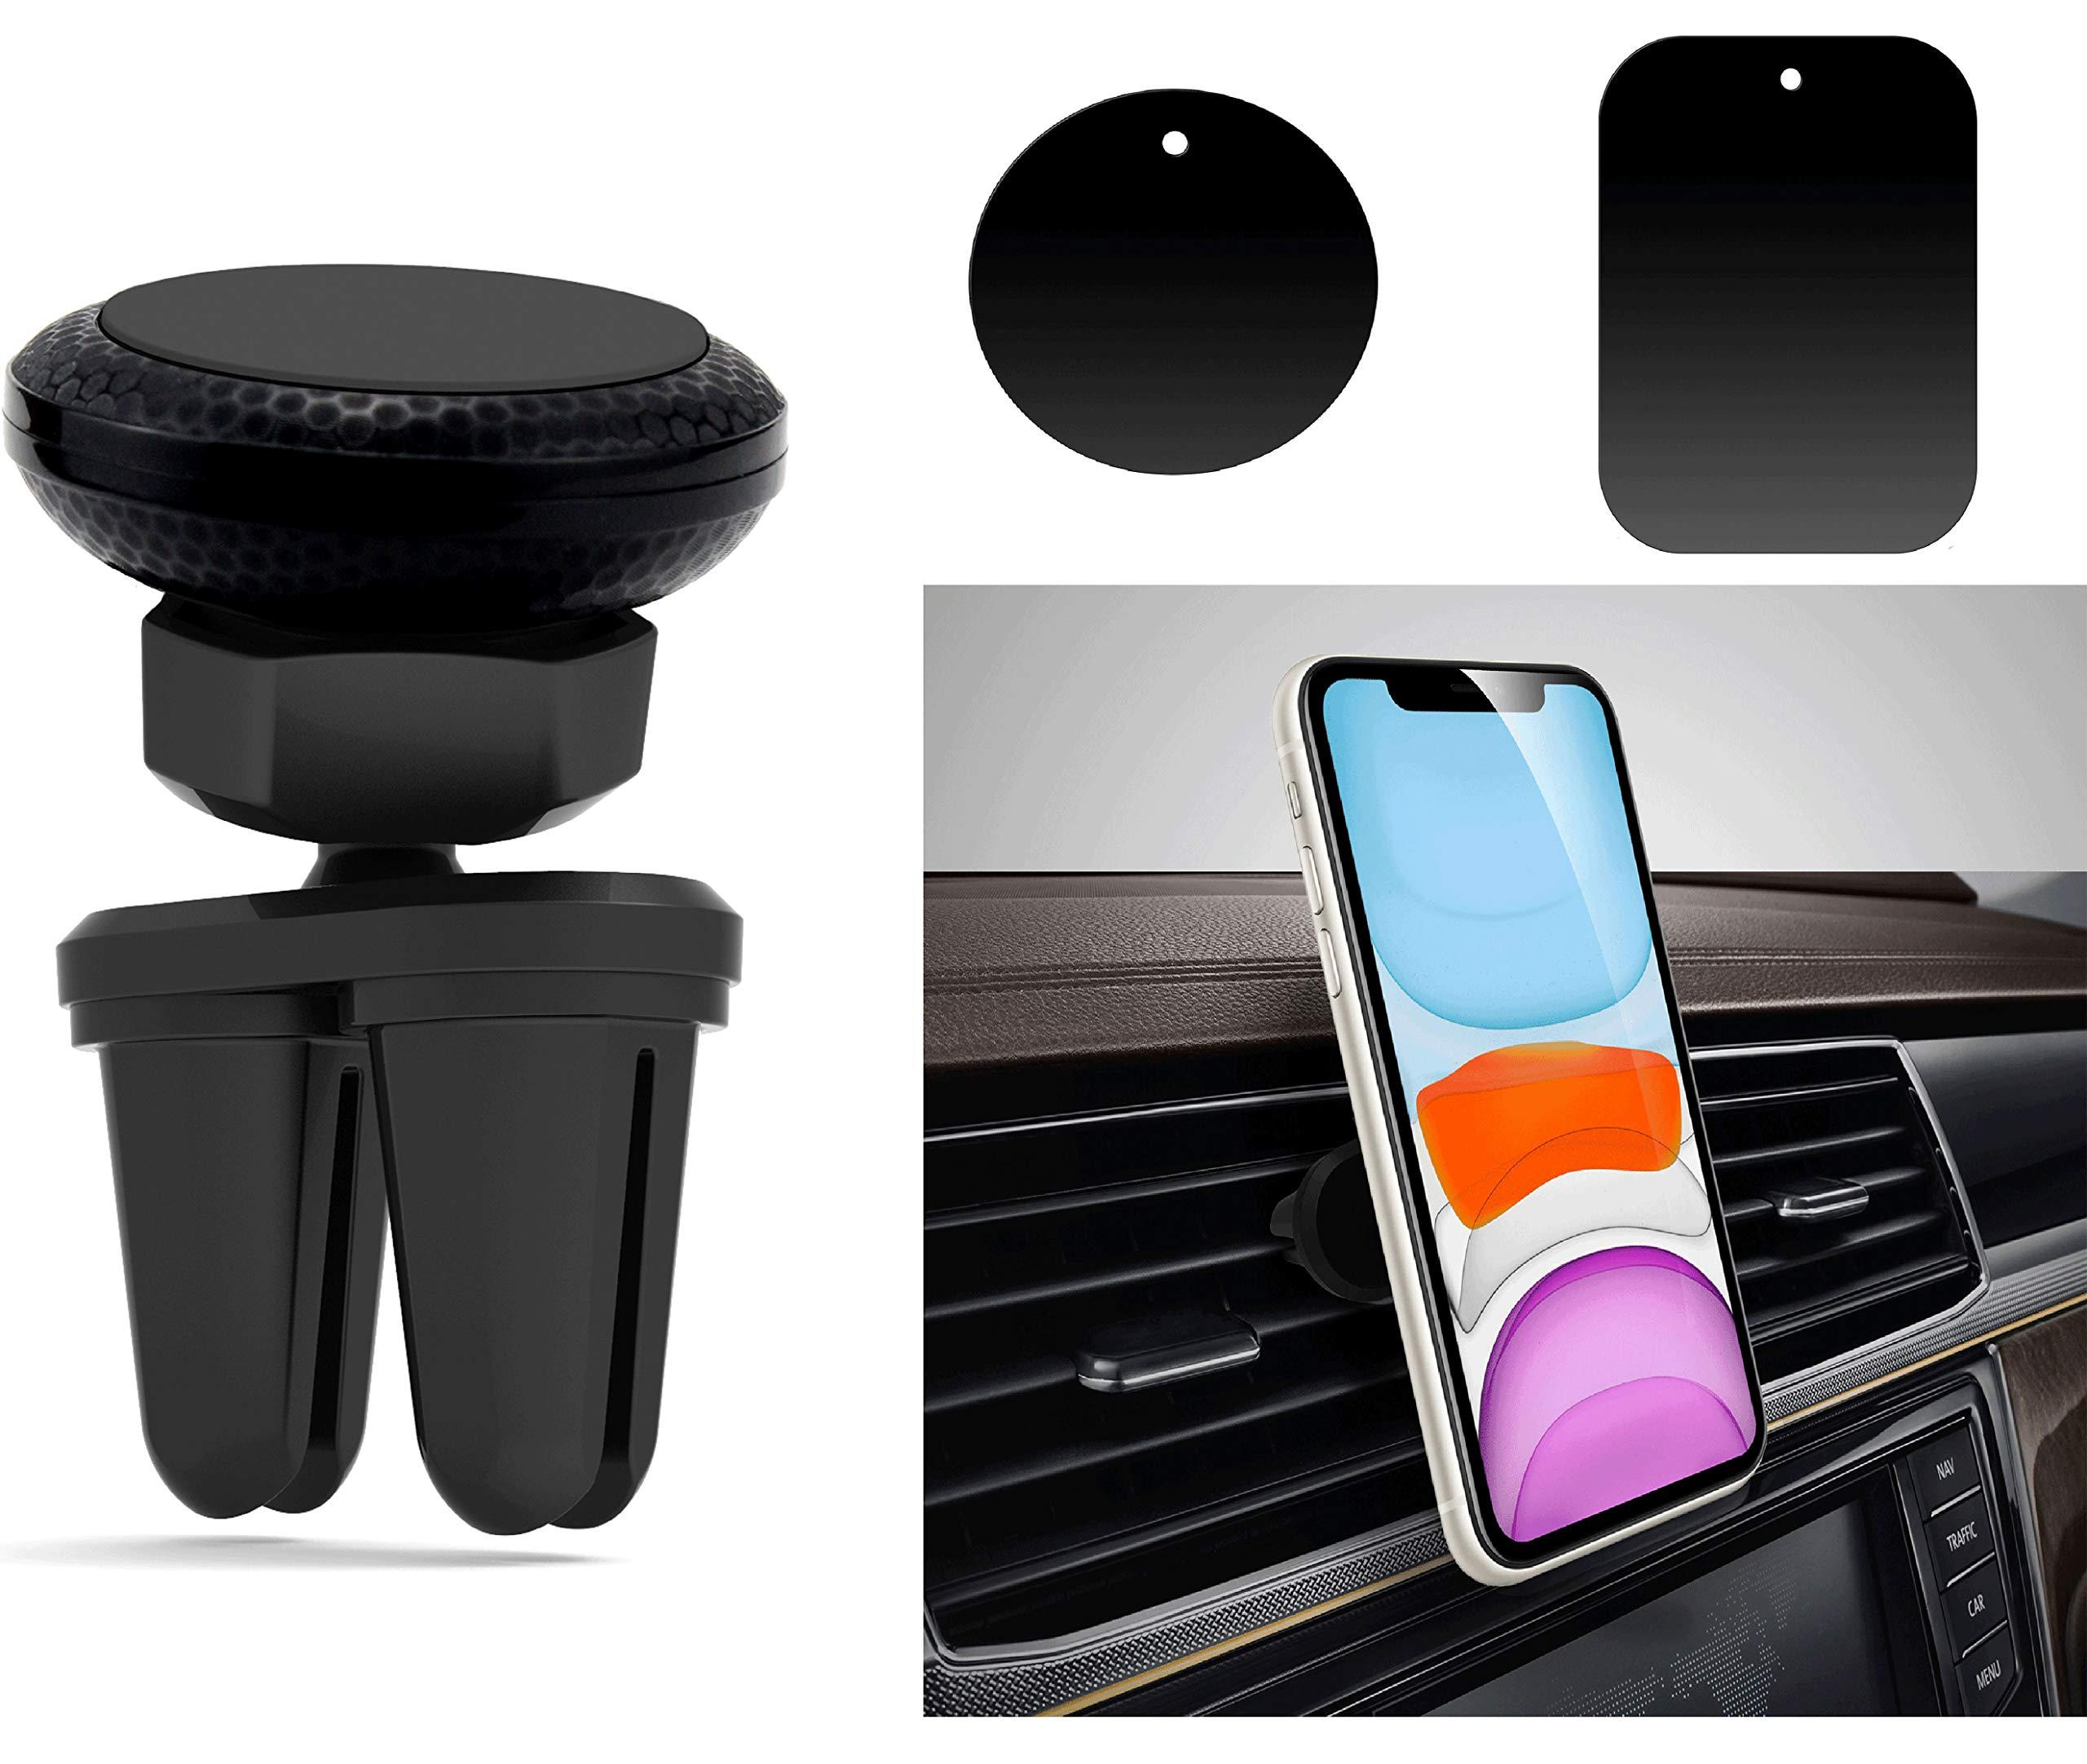 Babacom Soporte Movil Coche Magnético,360 Grados Rotación Soporte Teléfono Coche Universal Rejilla Ventilación con Doble Clip Estable para iPhone, Samsung y Otras Smartphones de 3.5 a 6.5 Pulgadas: Amazon.es: Electrónica